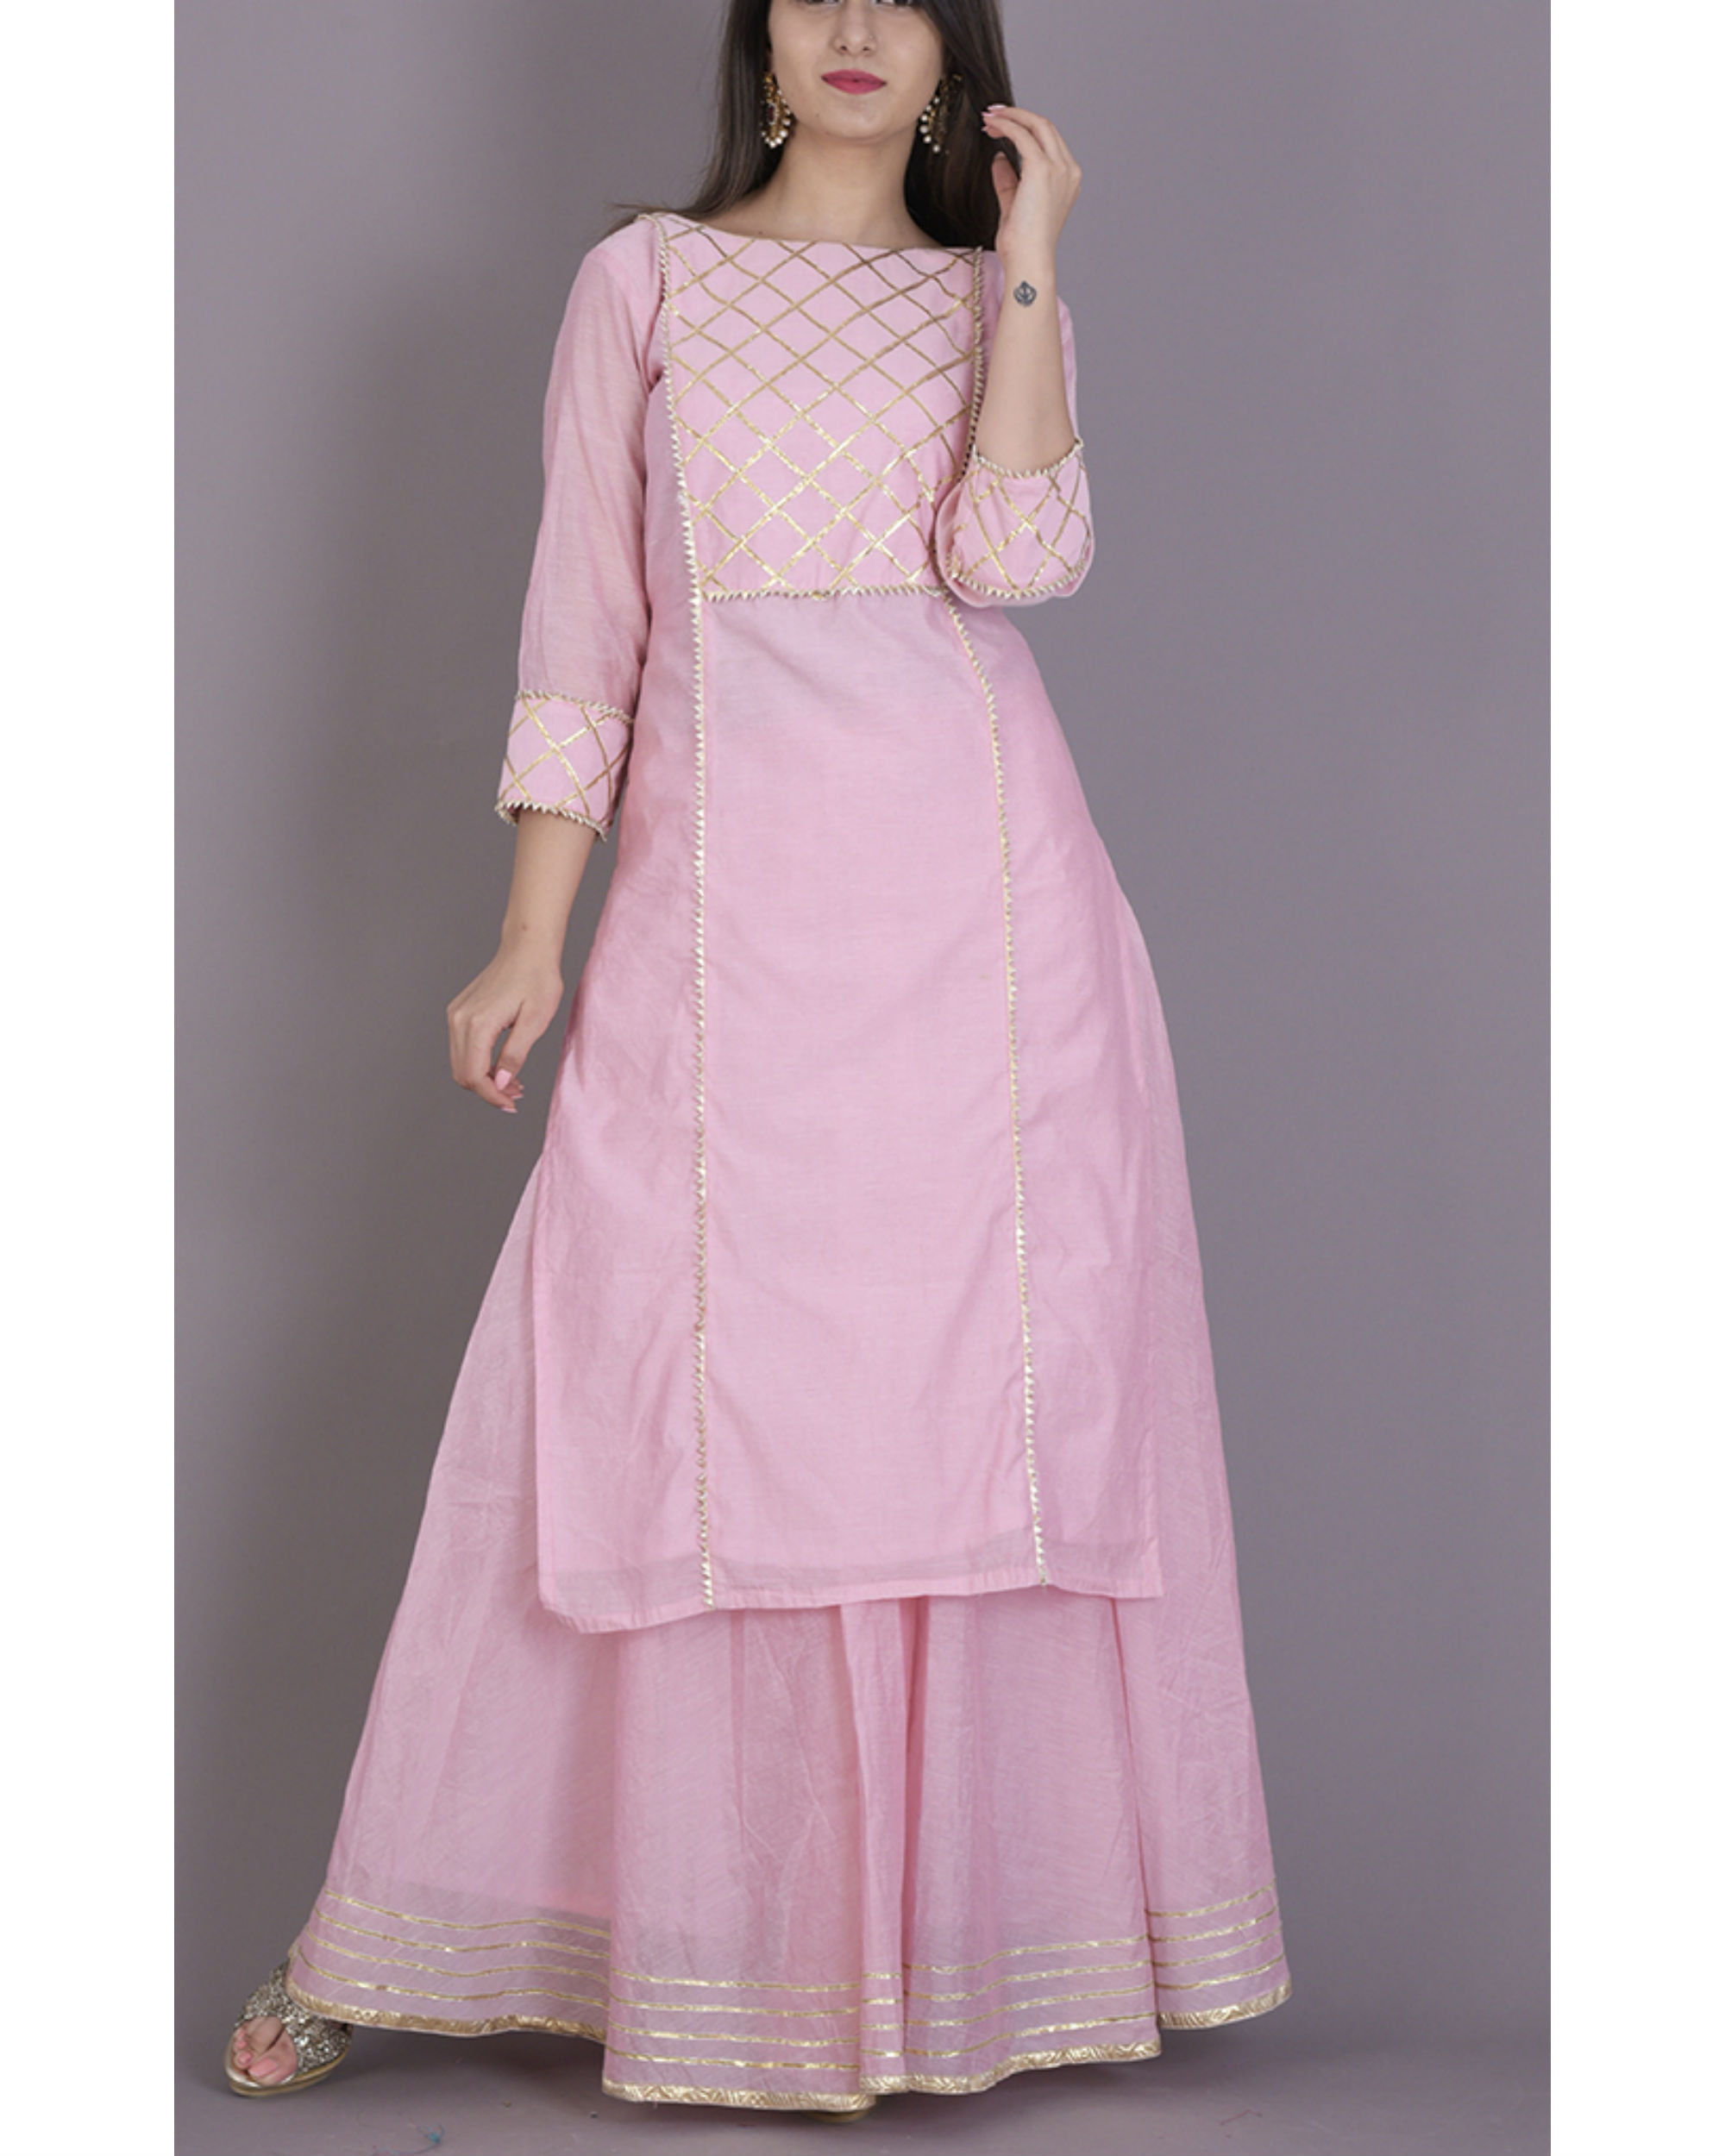 Baby pink gota kurta with flared skirt